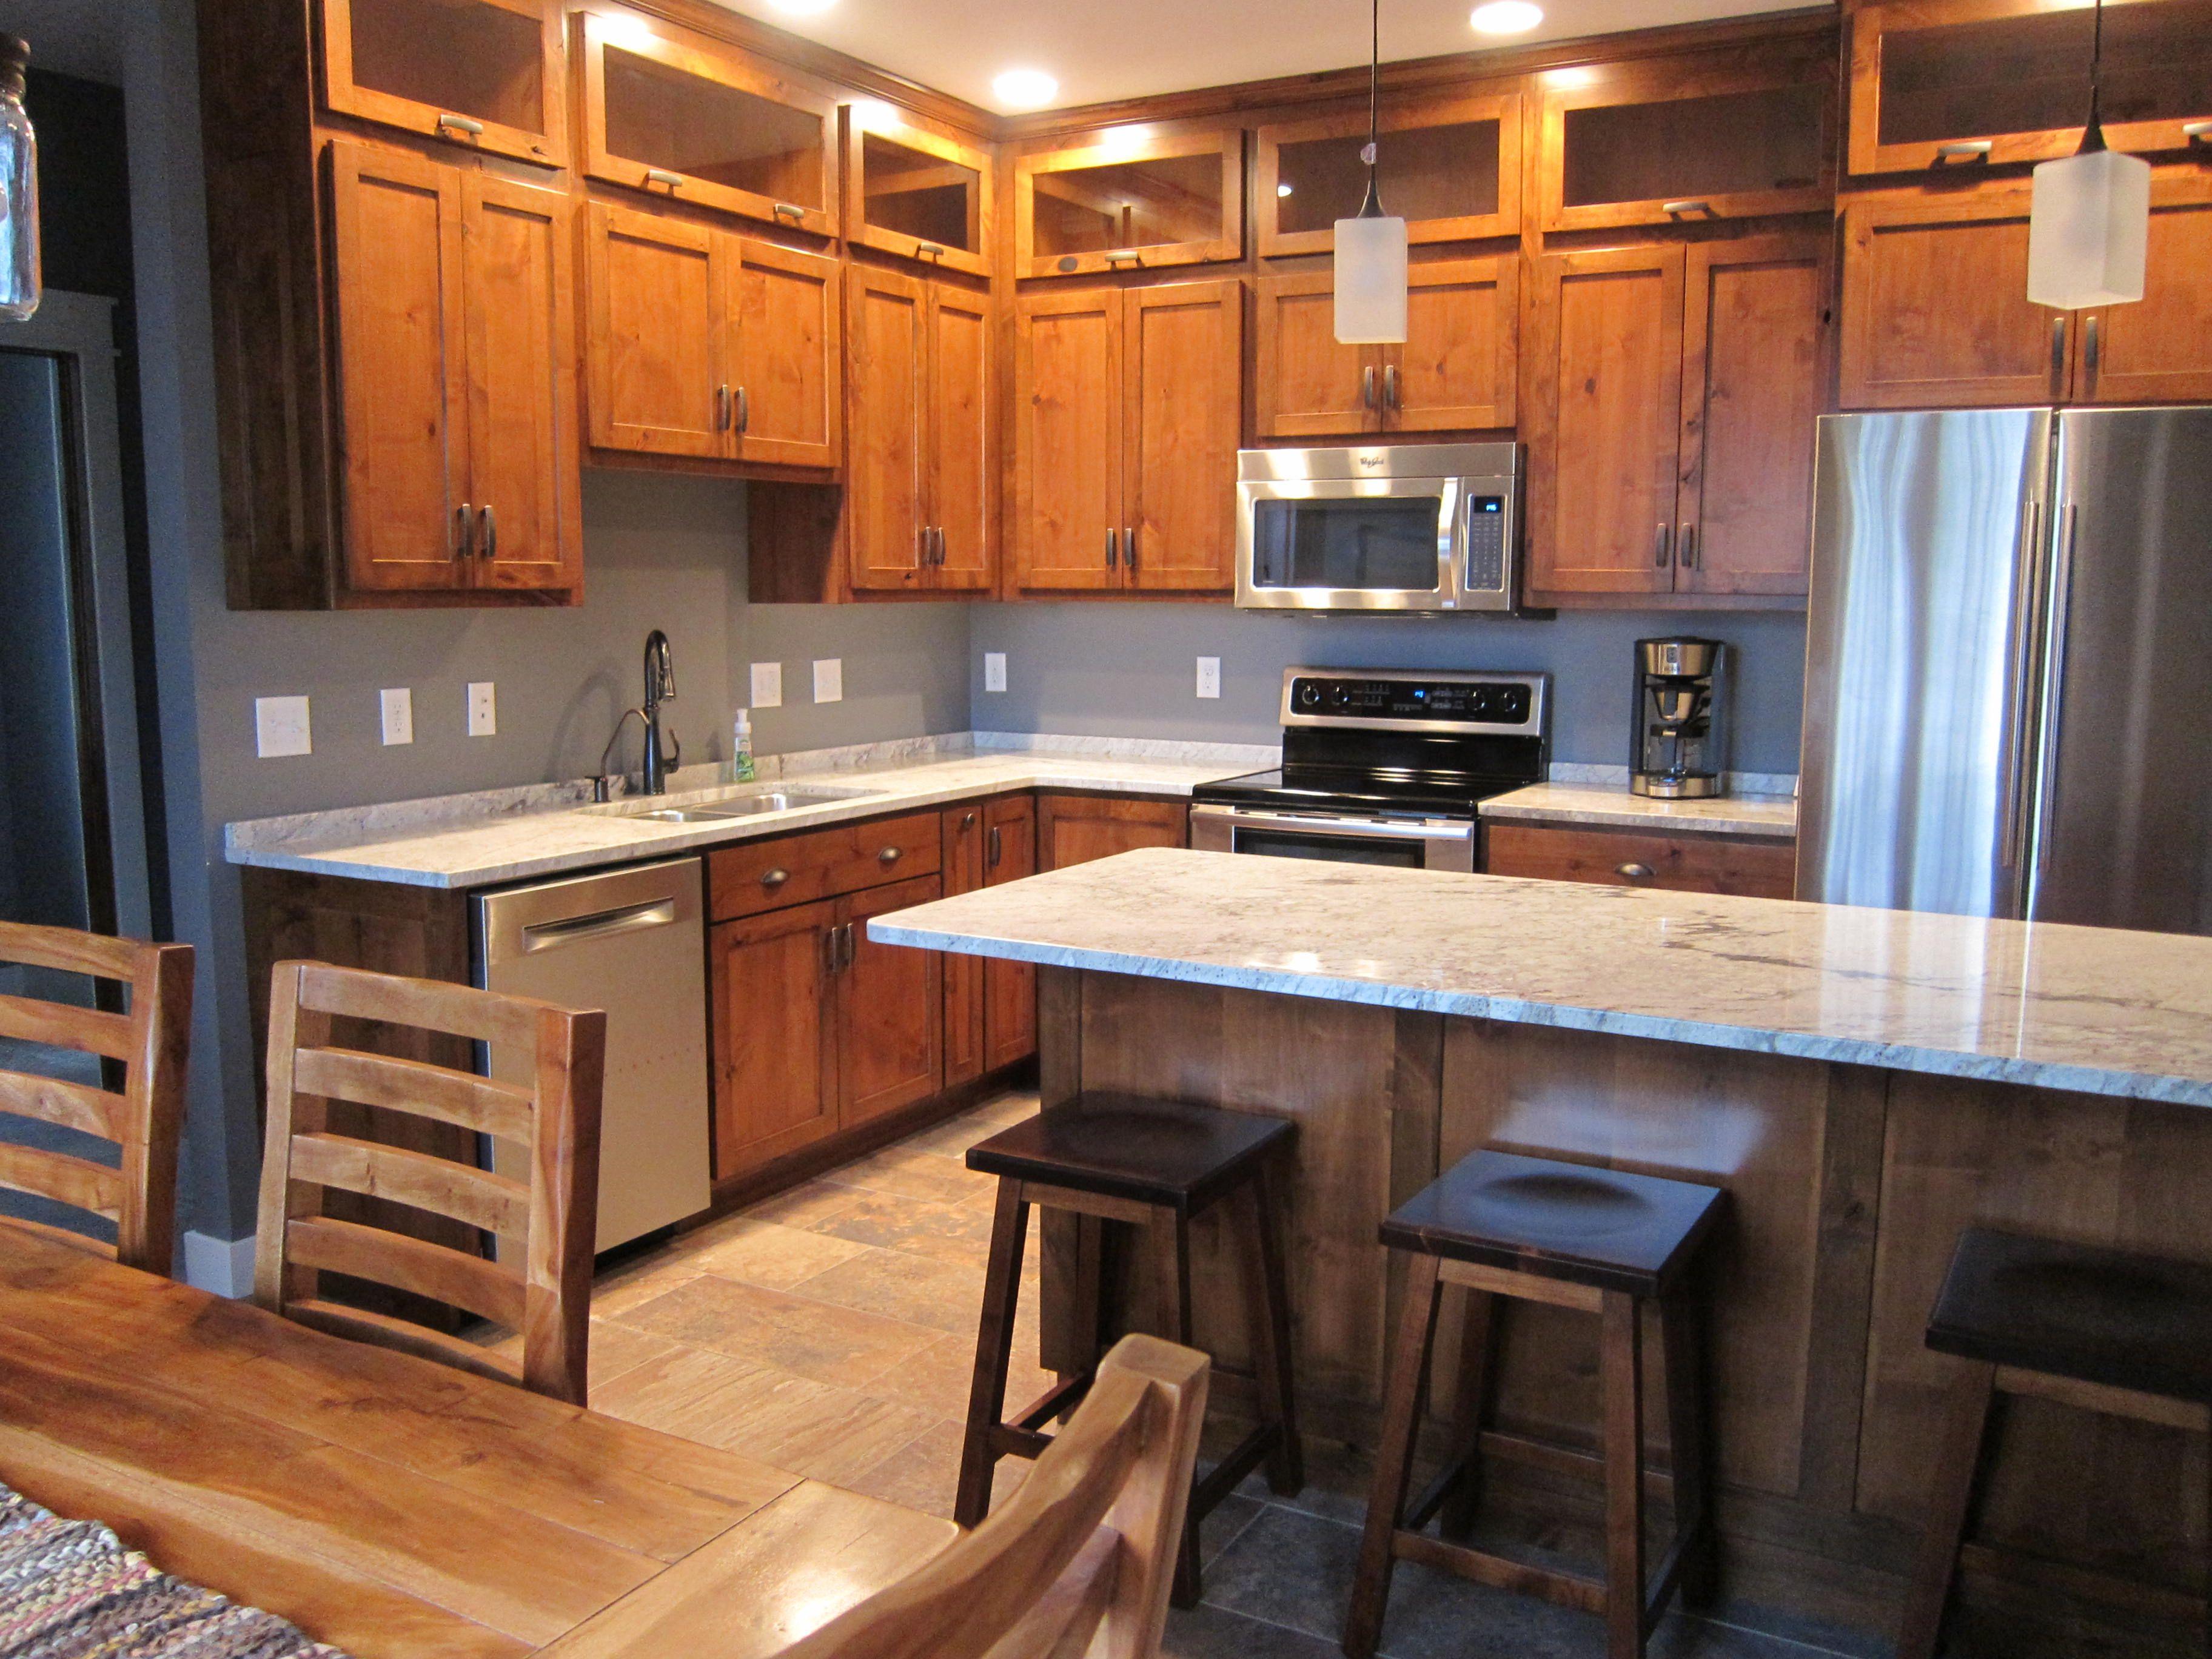 Kitchen rustic alder cabinets Snowflake granite